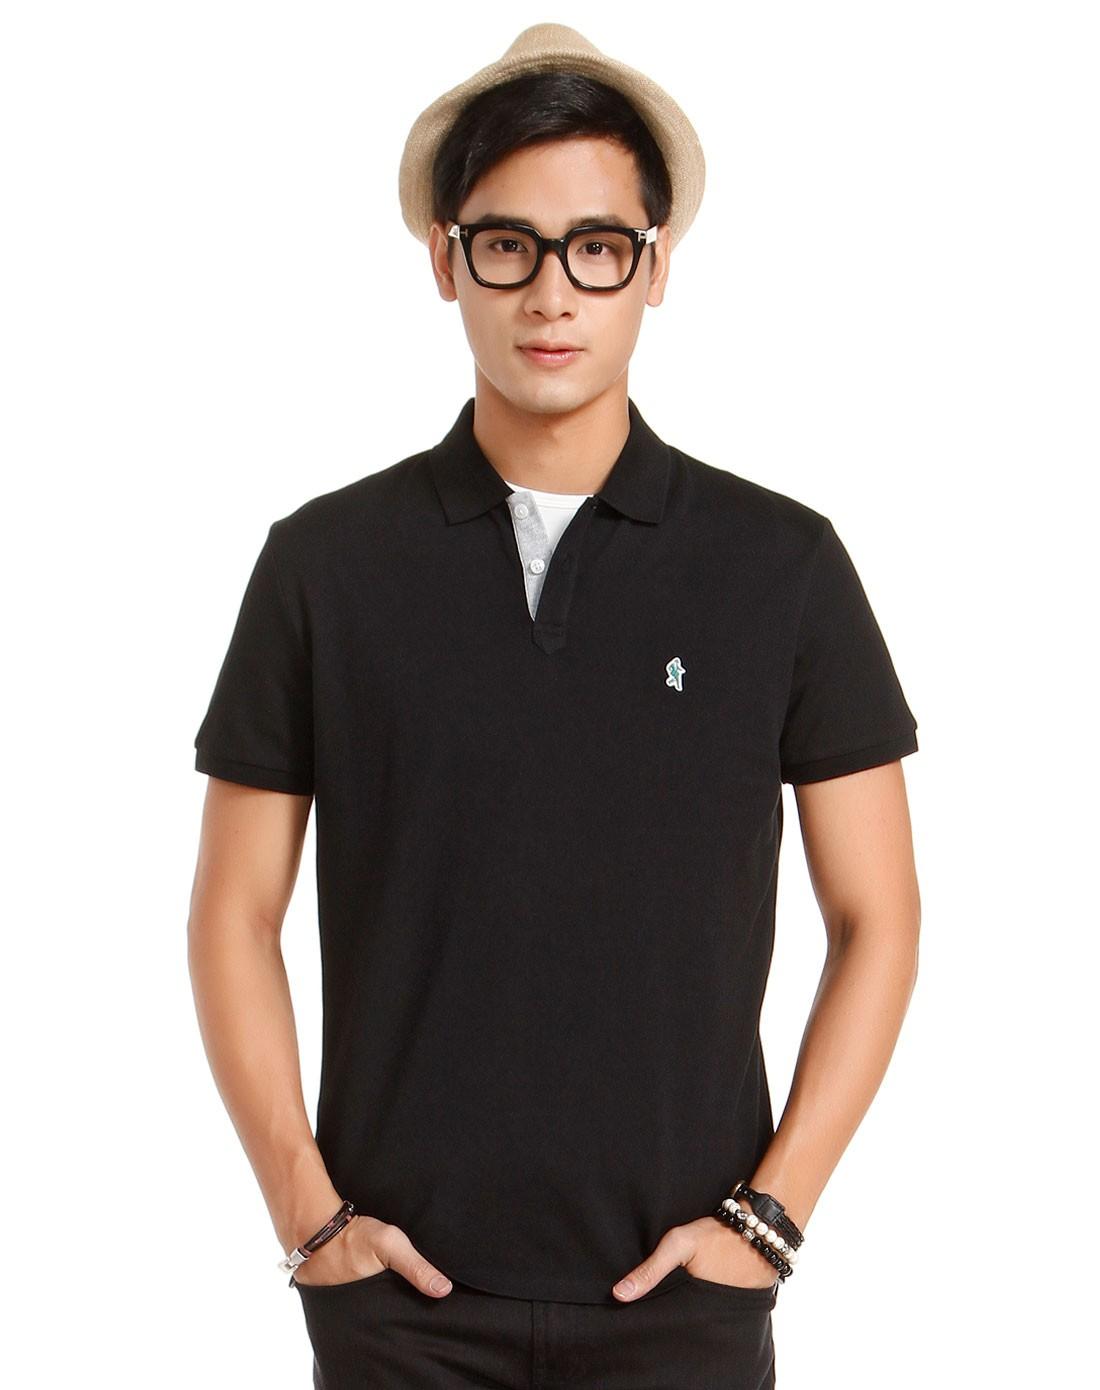 黑色纯色简约短袖polo衫